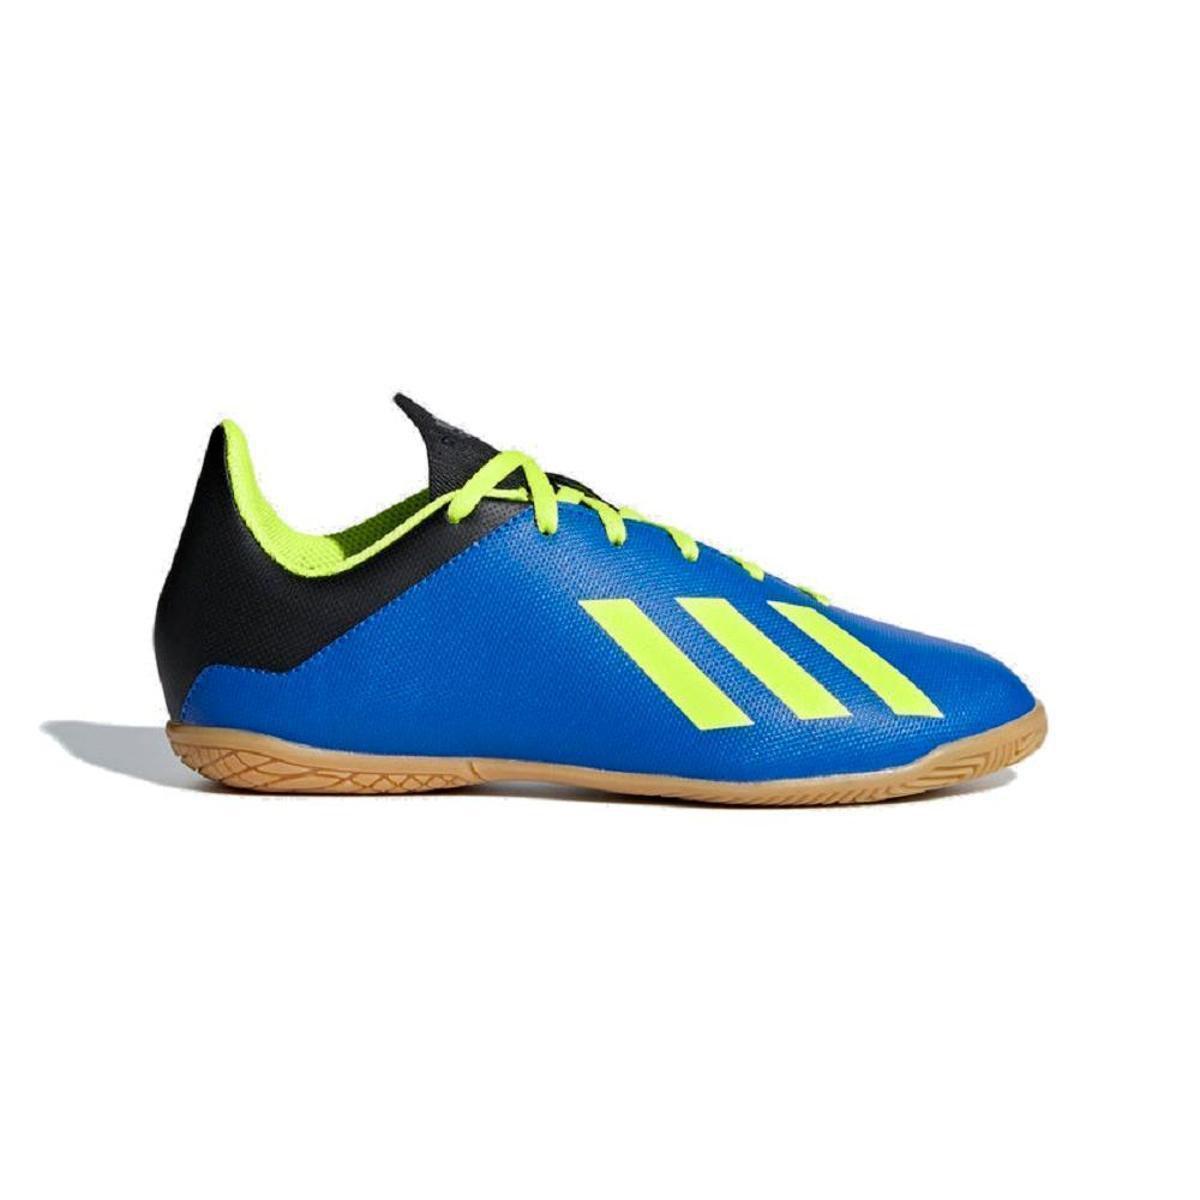 b6d181e2c01 Chuteira Futsal Infantil Adidas X Tango 18 4 In - Azul e amarelo - Compre  Agora